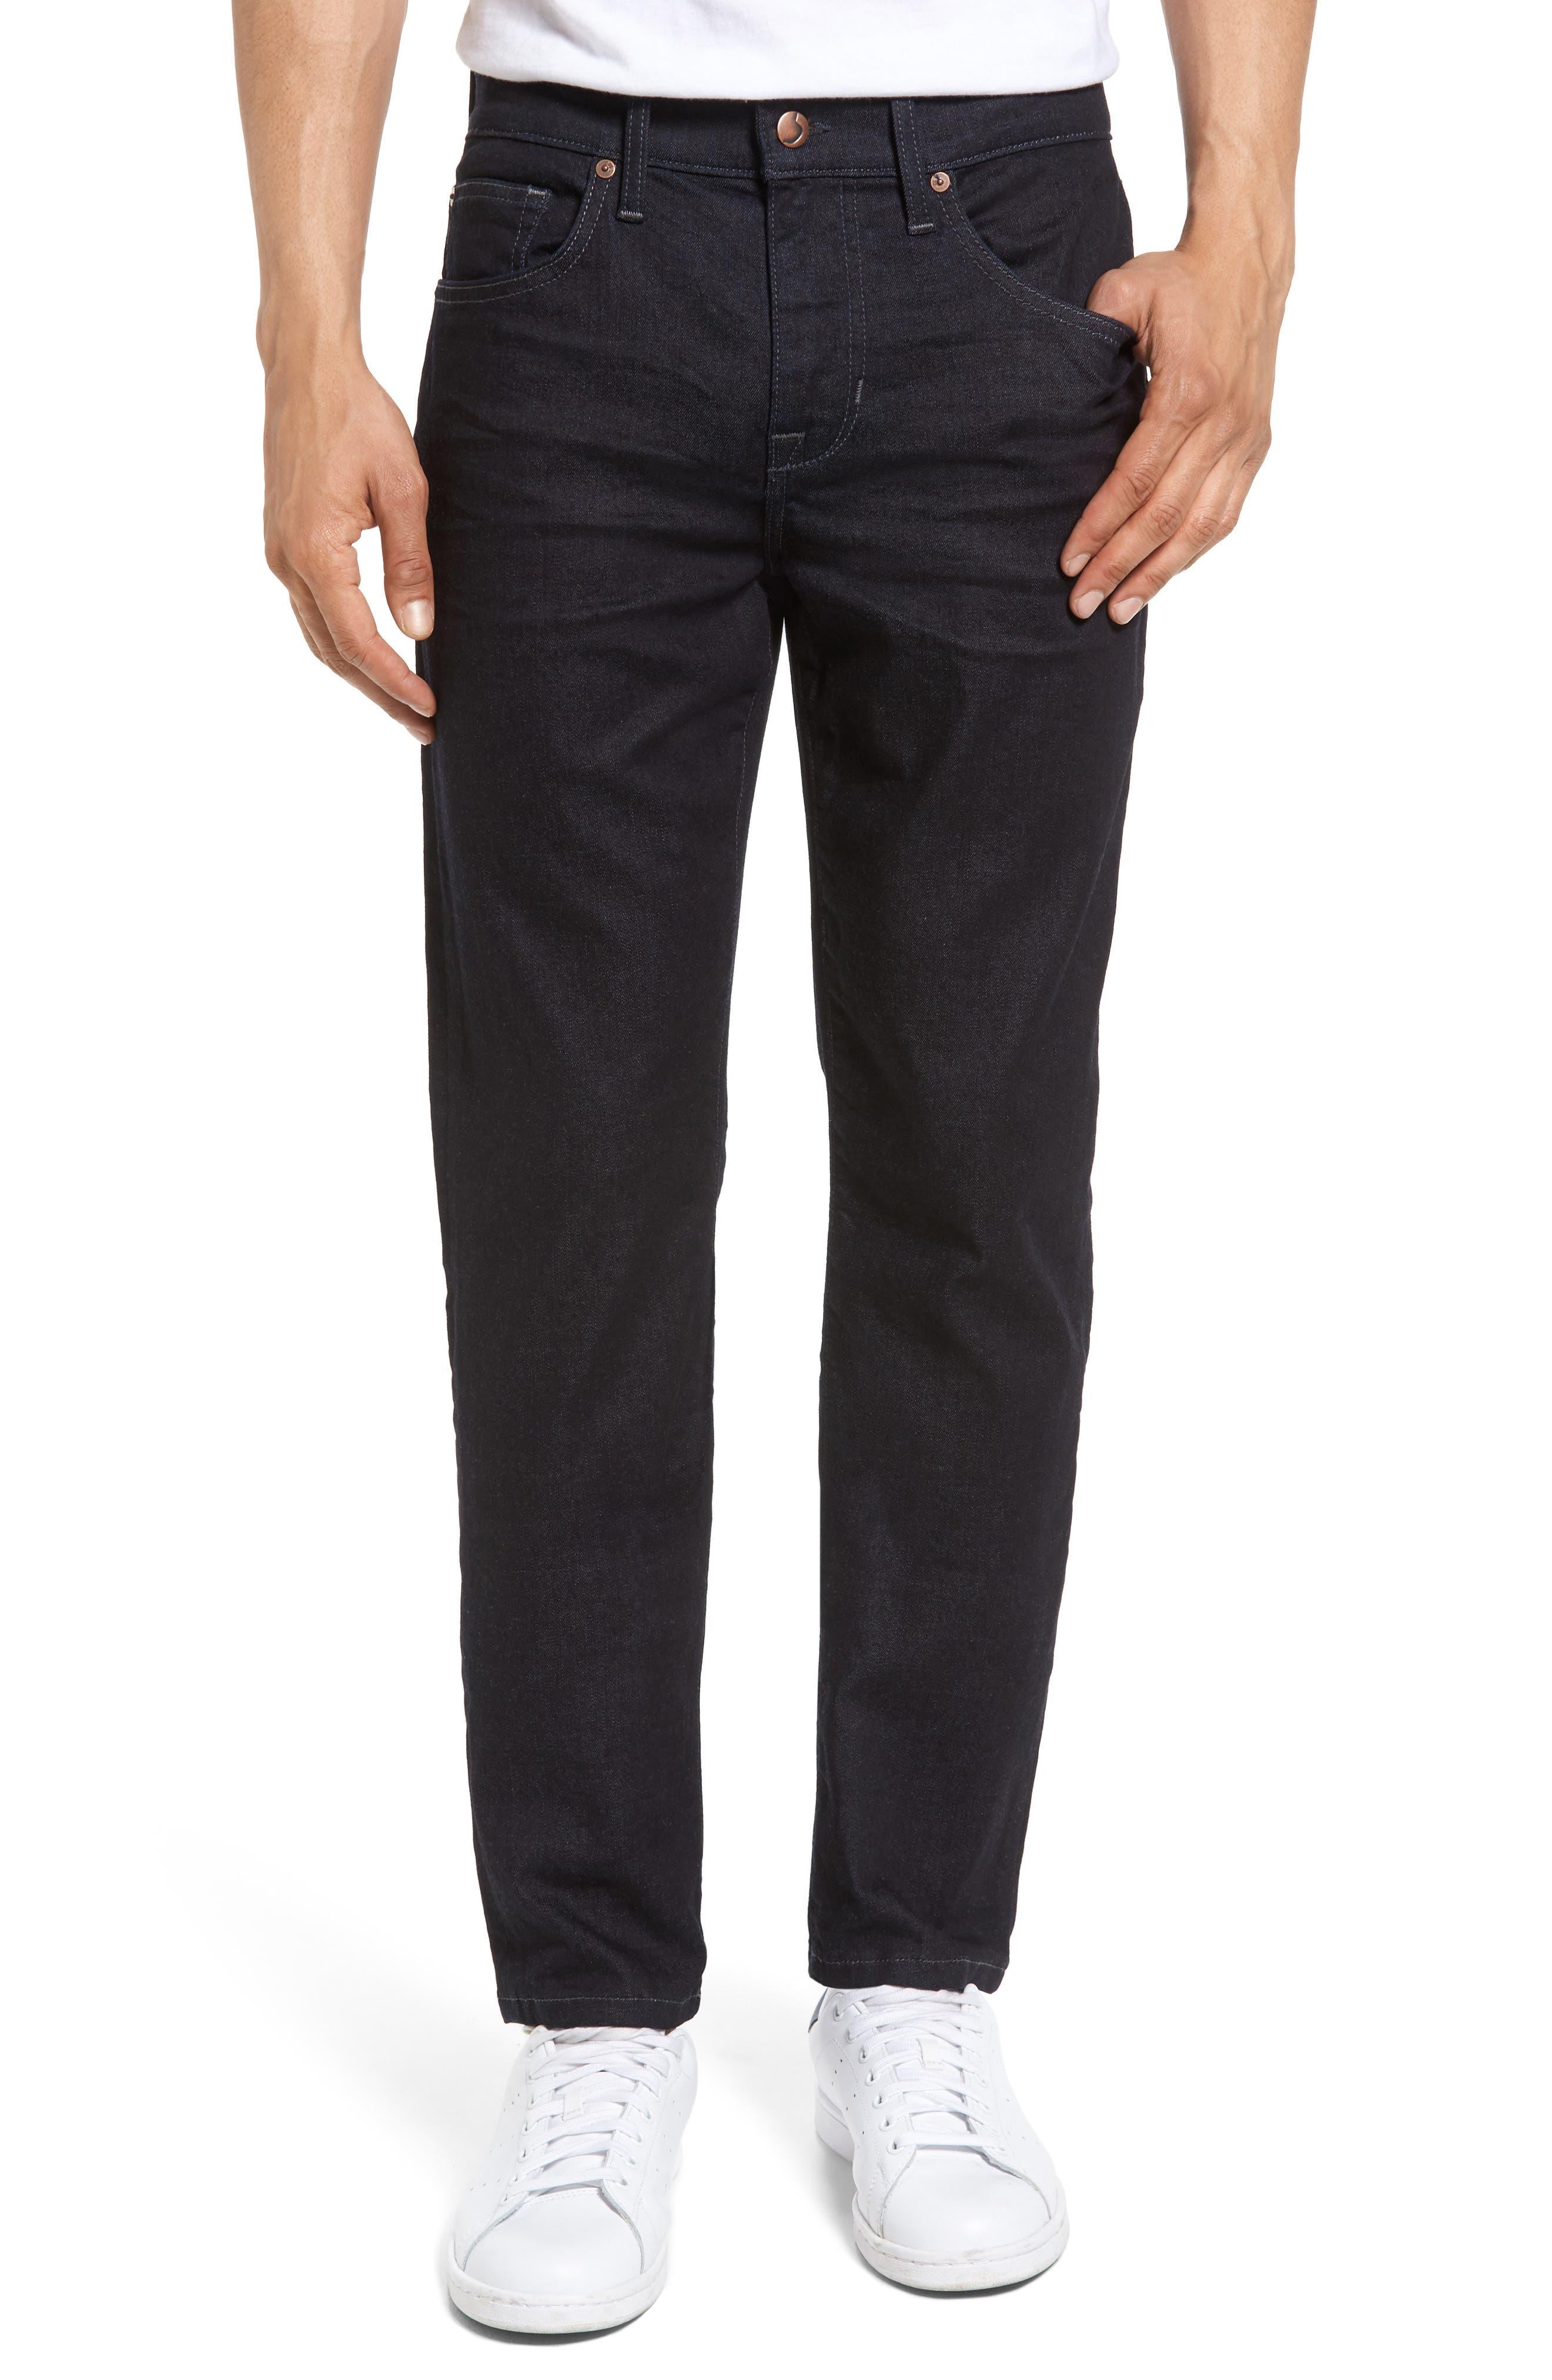 Main Image - Joe's Slim Fit Jeans (Meer)